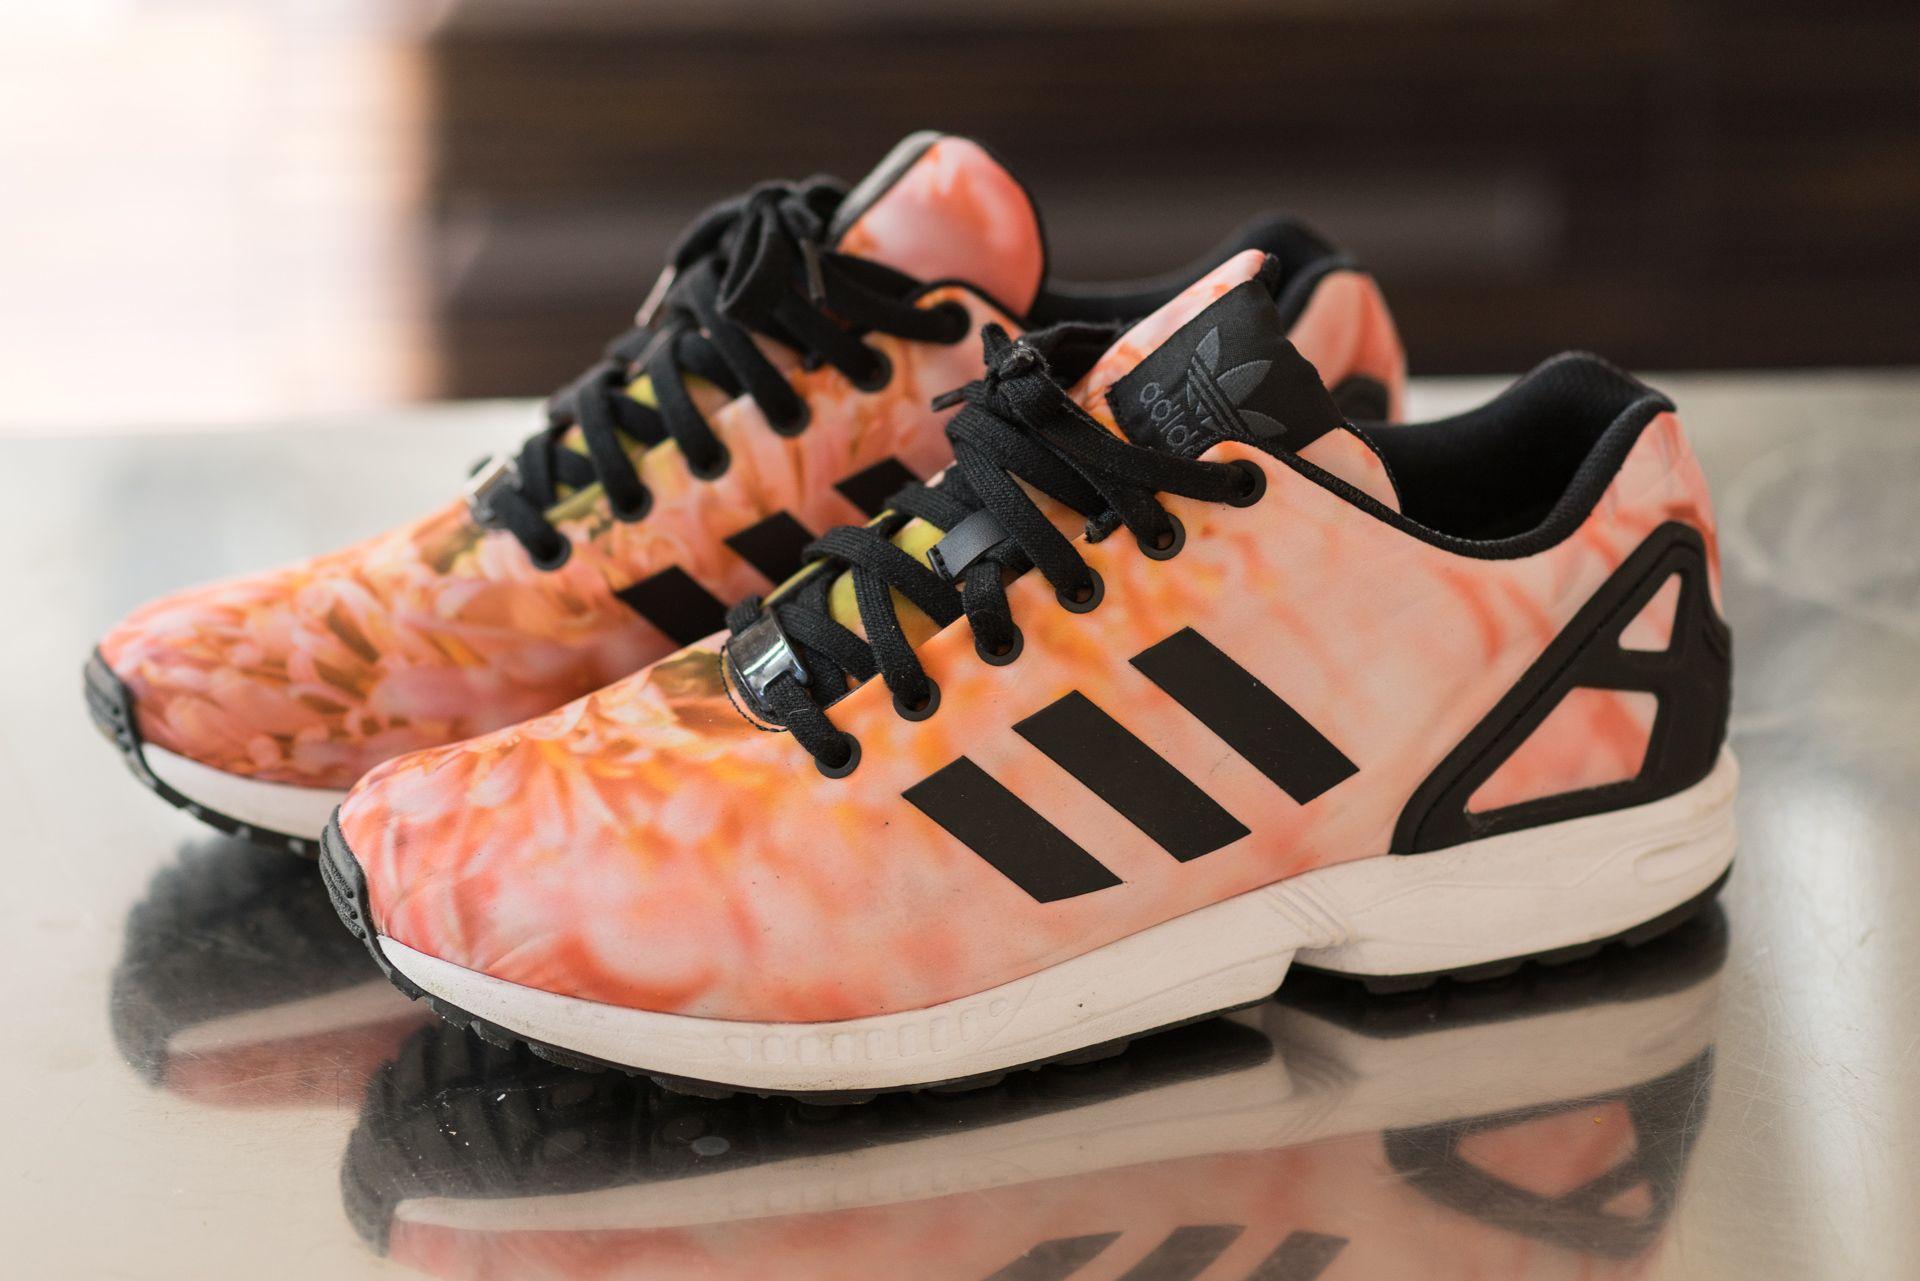 les adidas zx flux rose